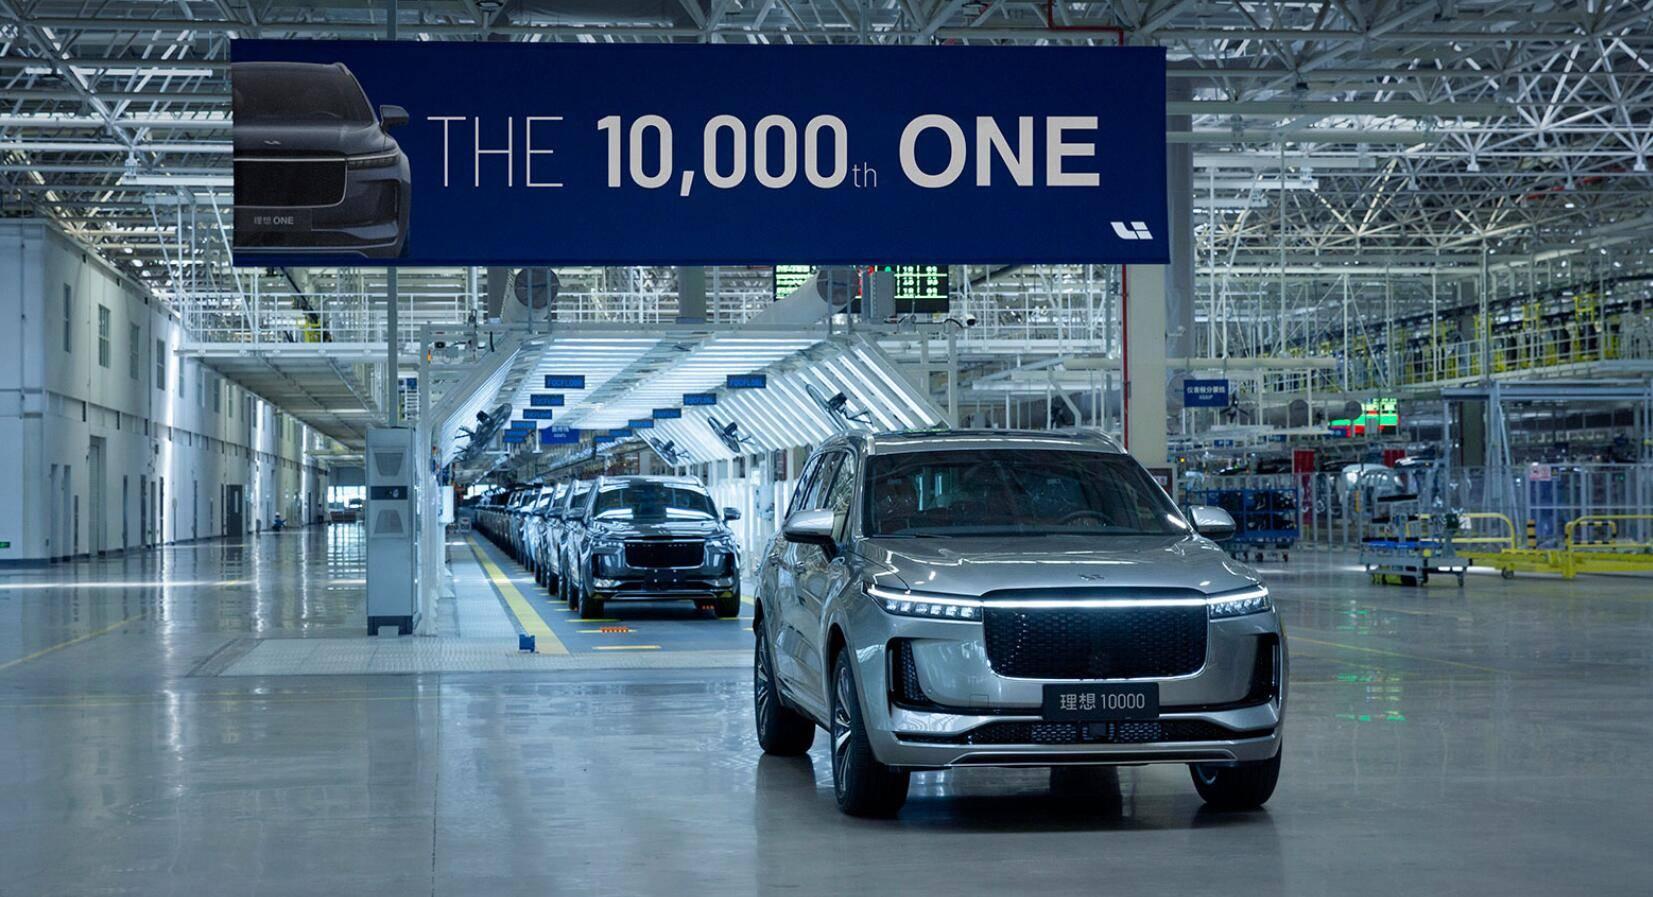 """《原创             美国""""闪电""""上市!理想汽车的未来:死还是市值千亿?》"""